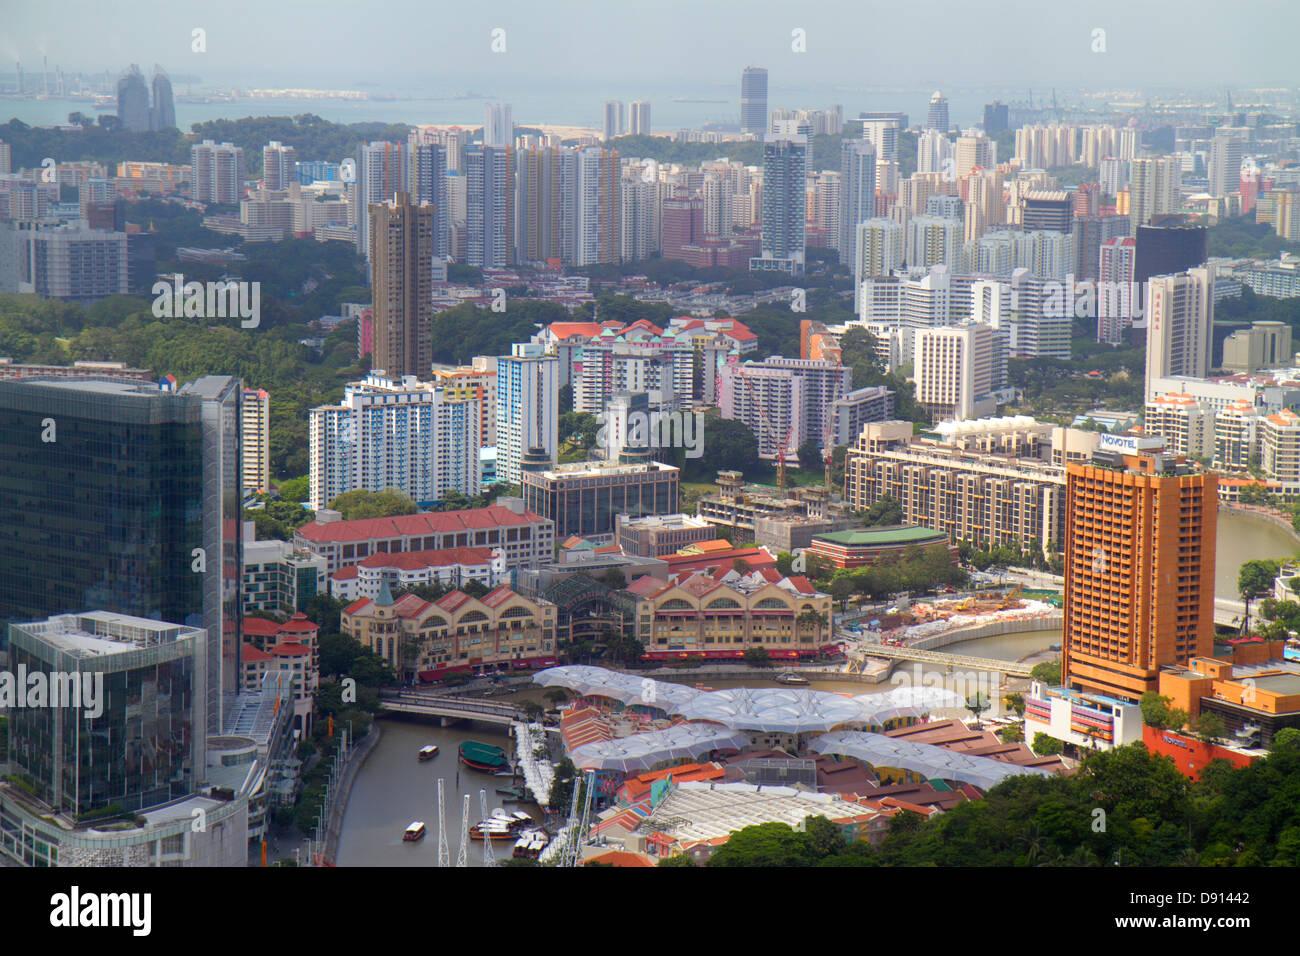 Singapur Stadt Skyline Wolkenkratzer Antenne Singapur River Clarke Quay Riverside Point Hochhaus Eigentumswohnungen Stockbild